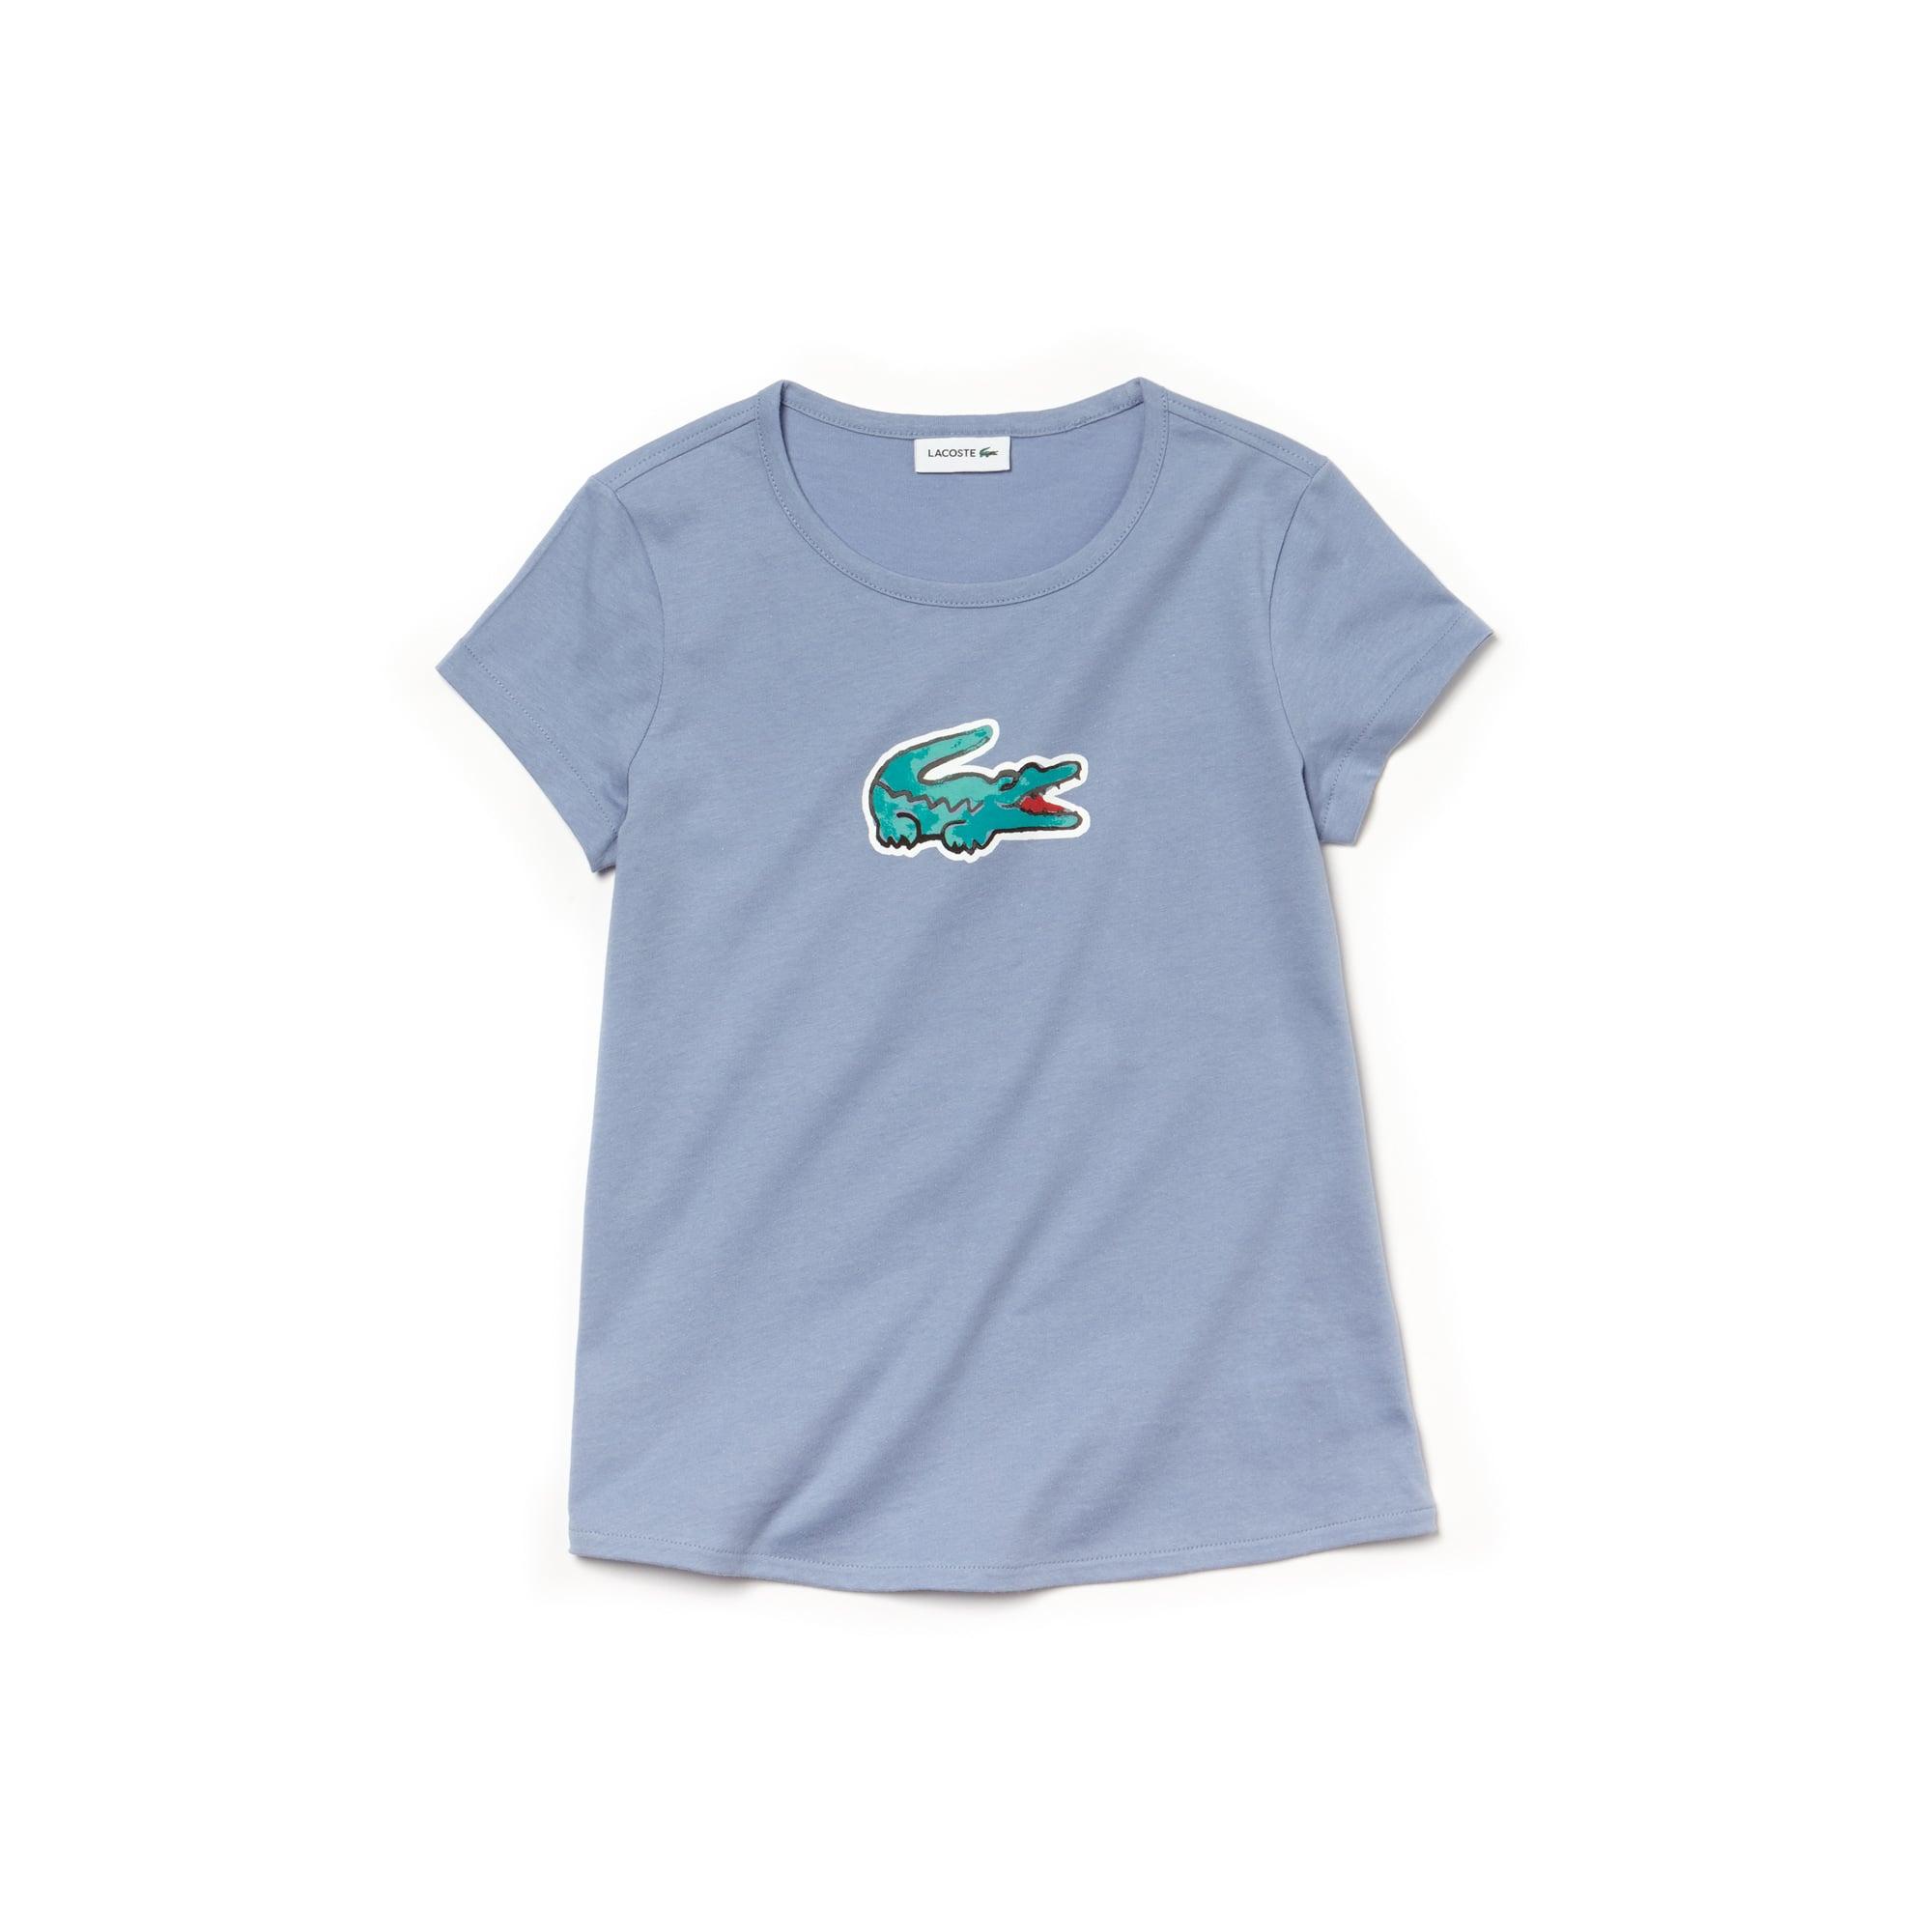 Camiseta Feminina Infantil em Jérsei com Gola Redonda e Estampa Do Crocodilo